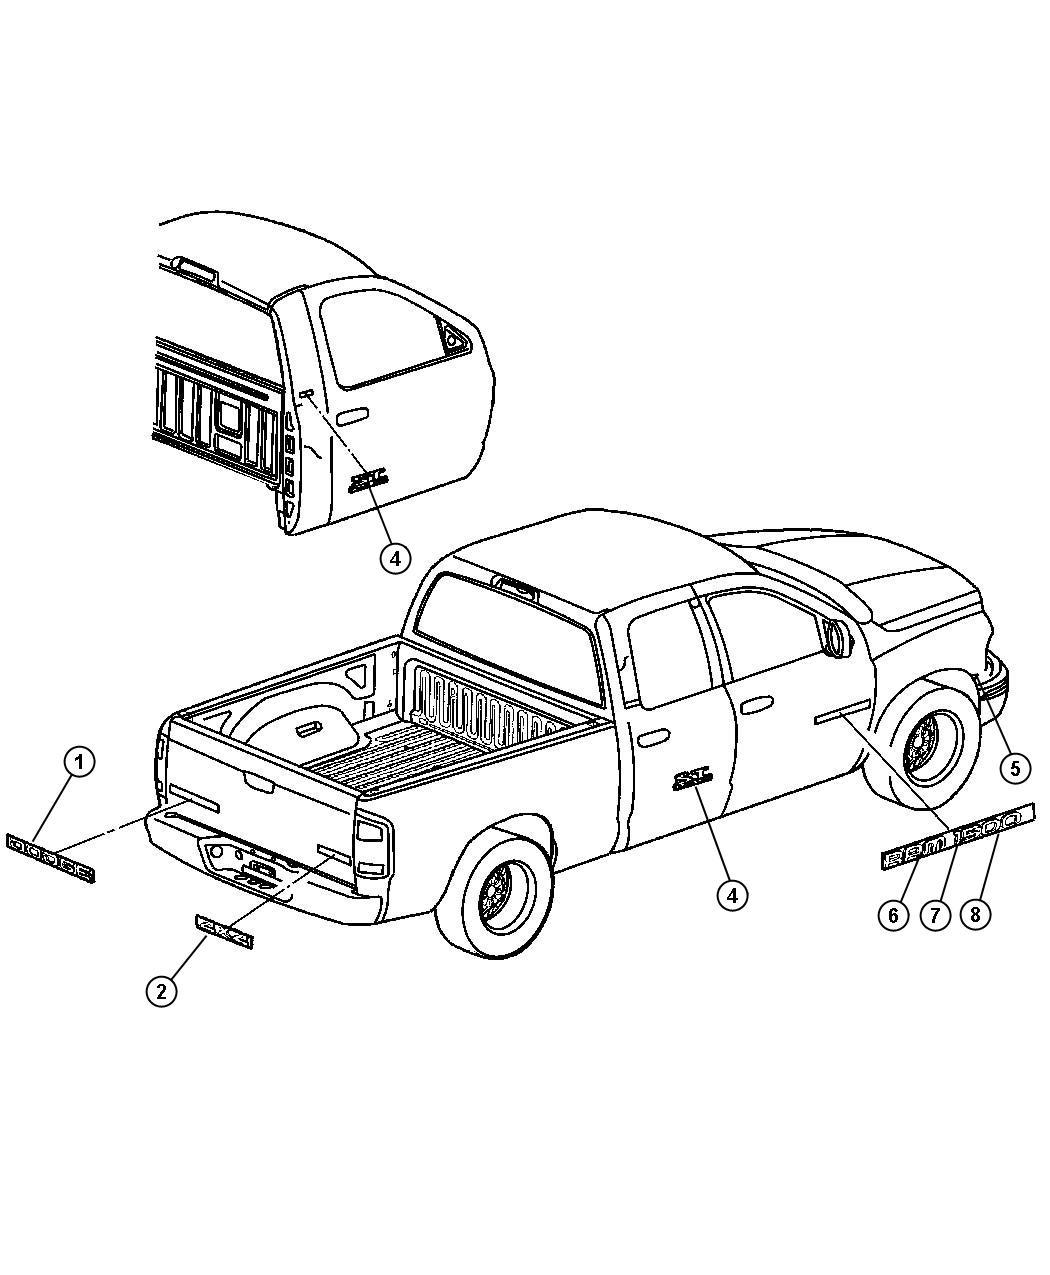 2009 Chrysler Aspen Decal kit. Body. Thunderroad hemi